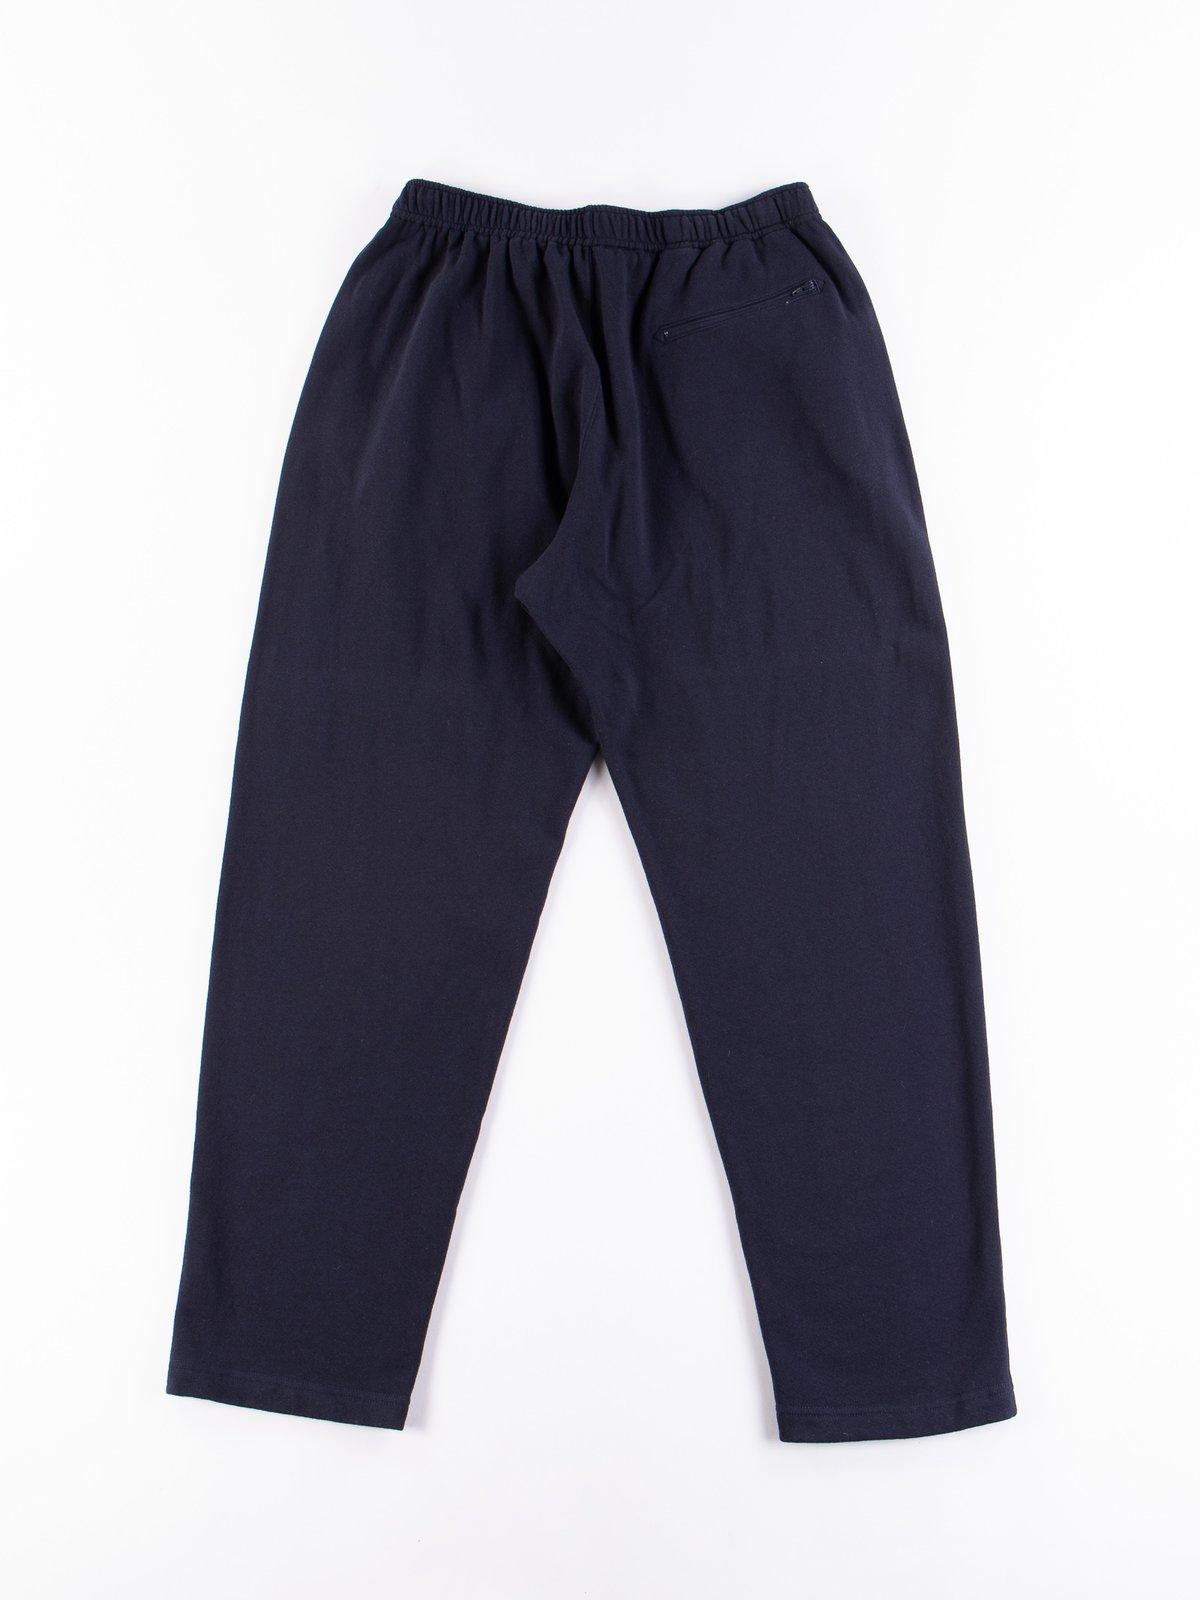 Navy Jog Pant - Image 5